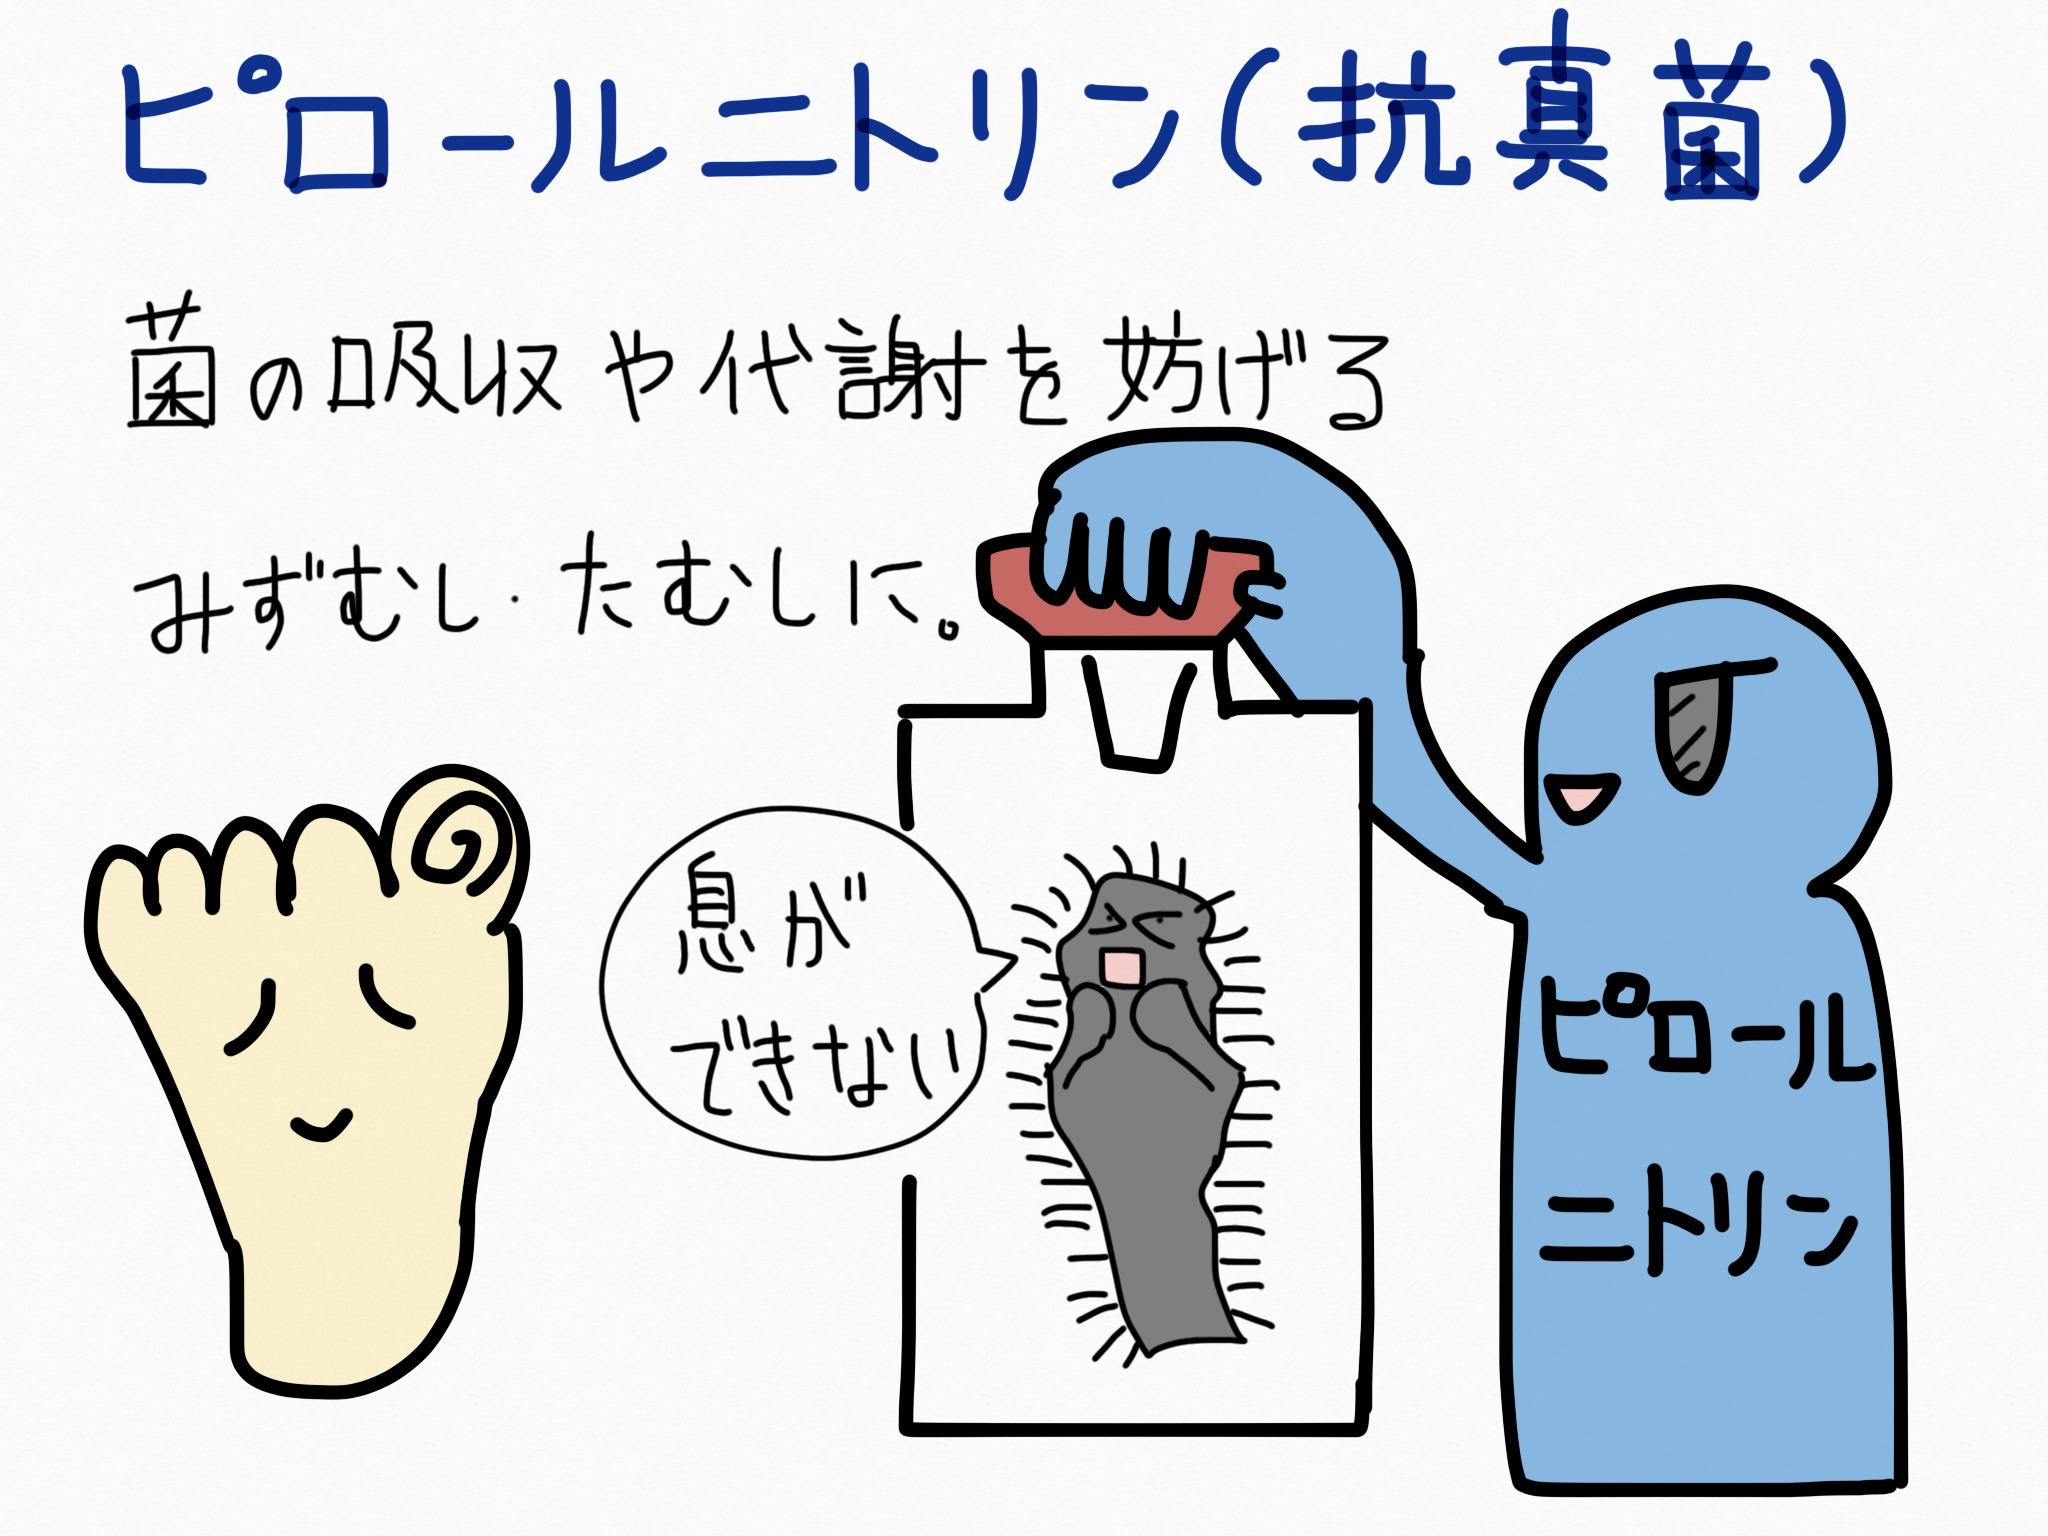 ピロールニトリン・抗真菌成分の覚え方